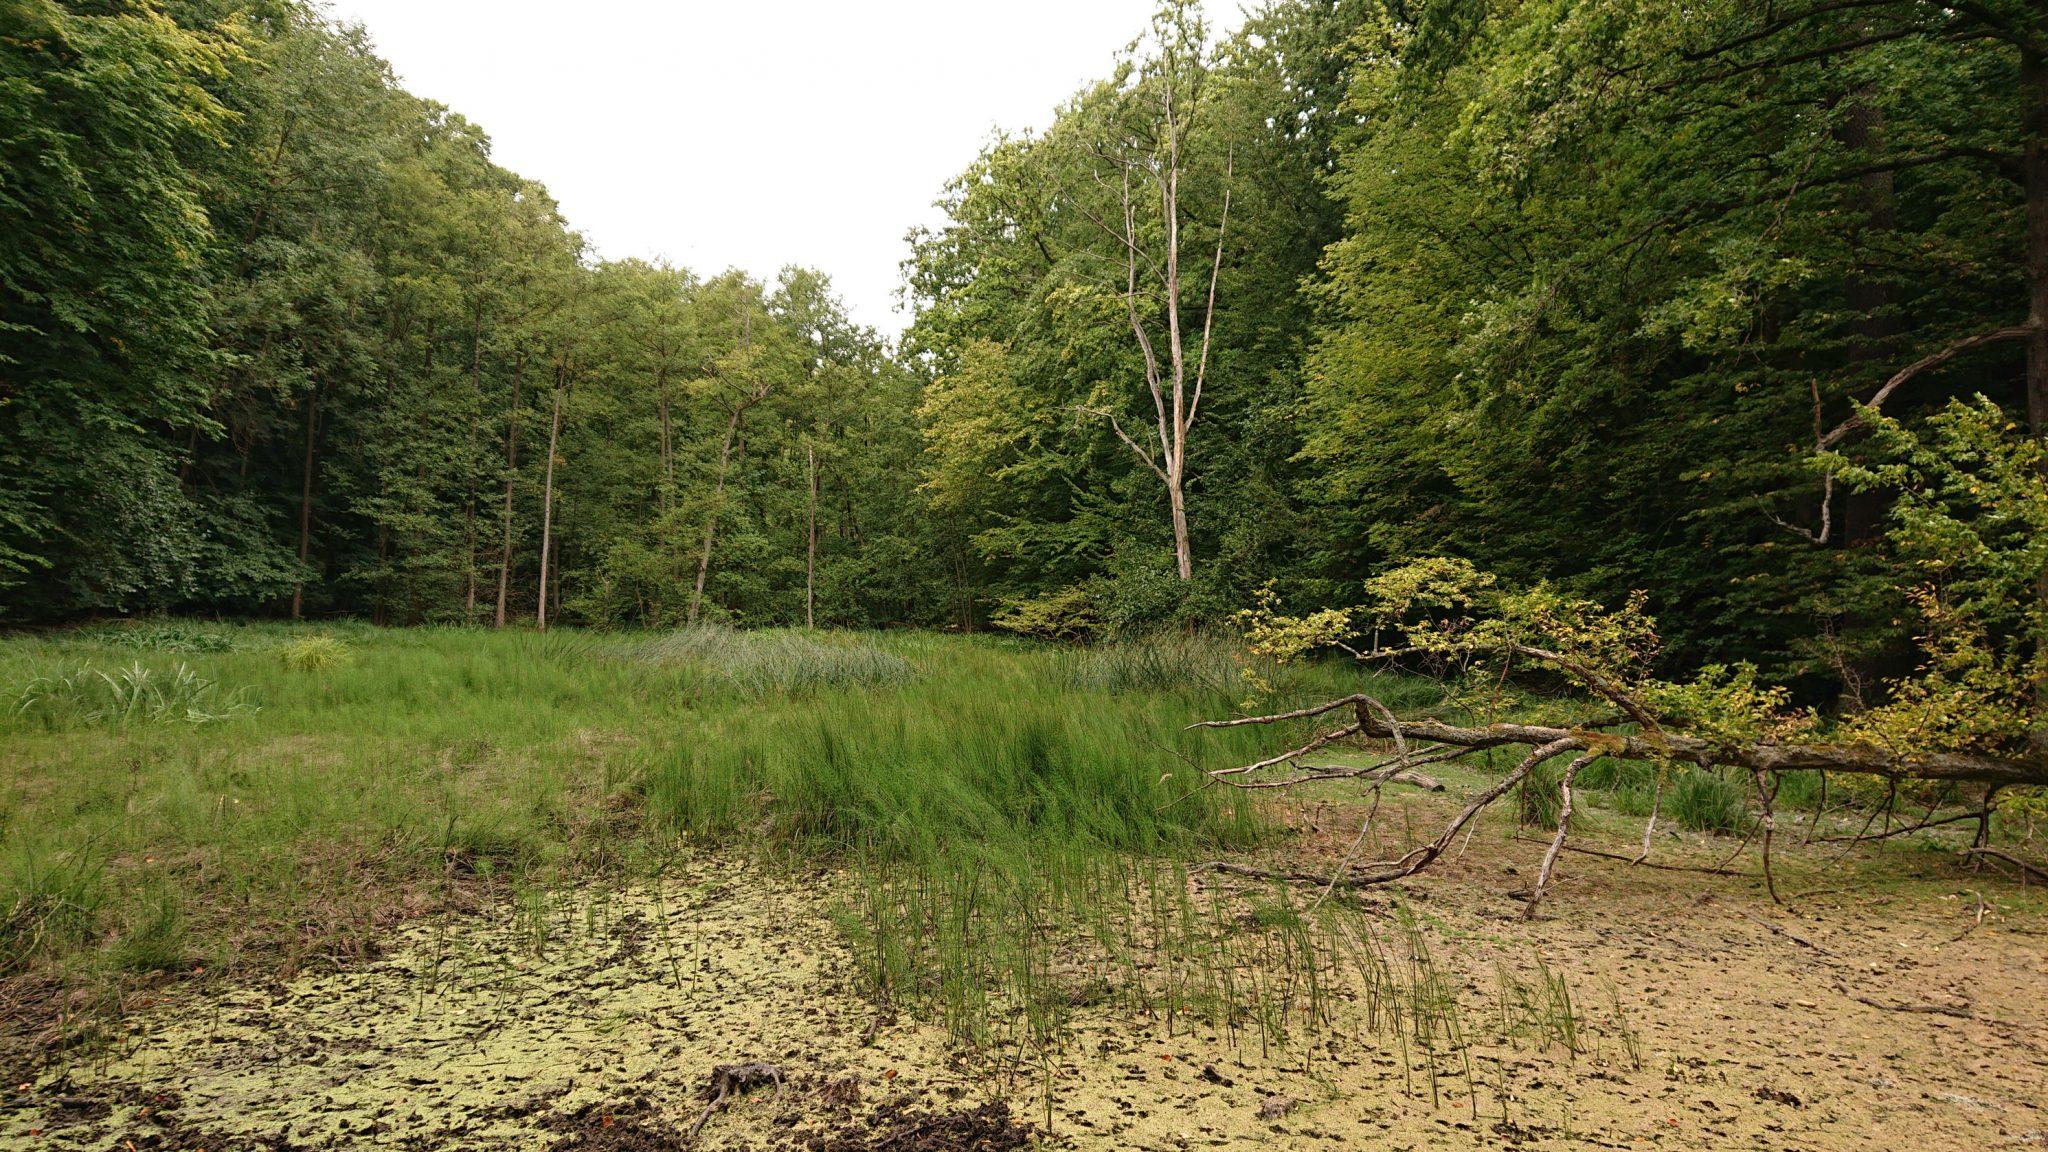 Nationalpark Hainich Saugrabenweg und Betteleichenweg wandern, dichter, ursprünglicher Buchenwald, kleiner natürlicher Teich